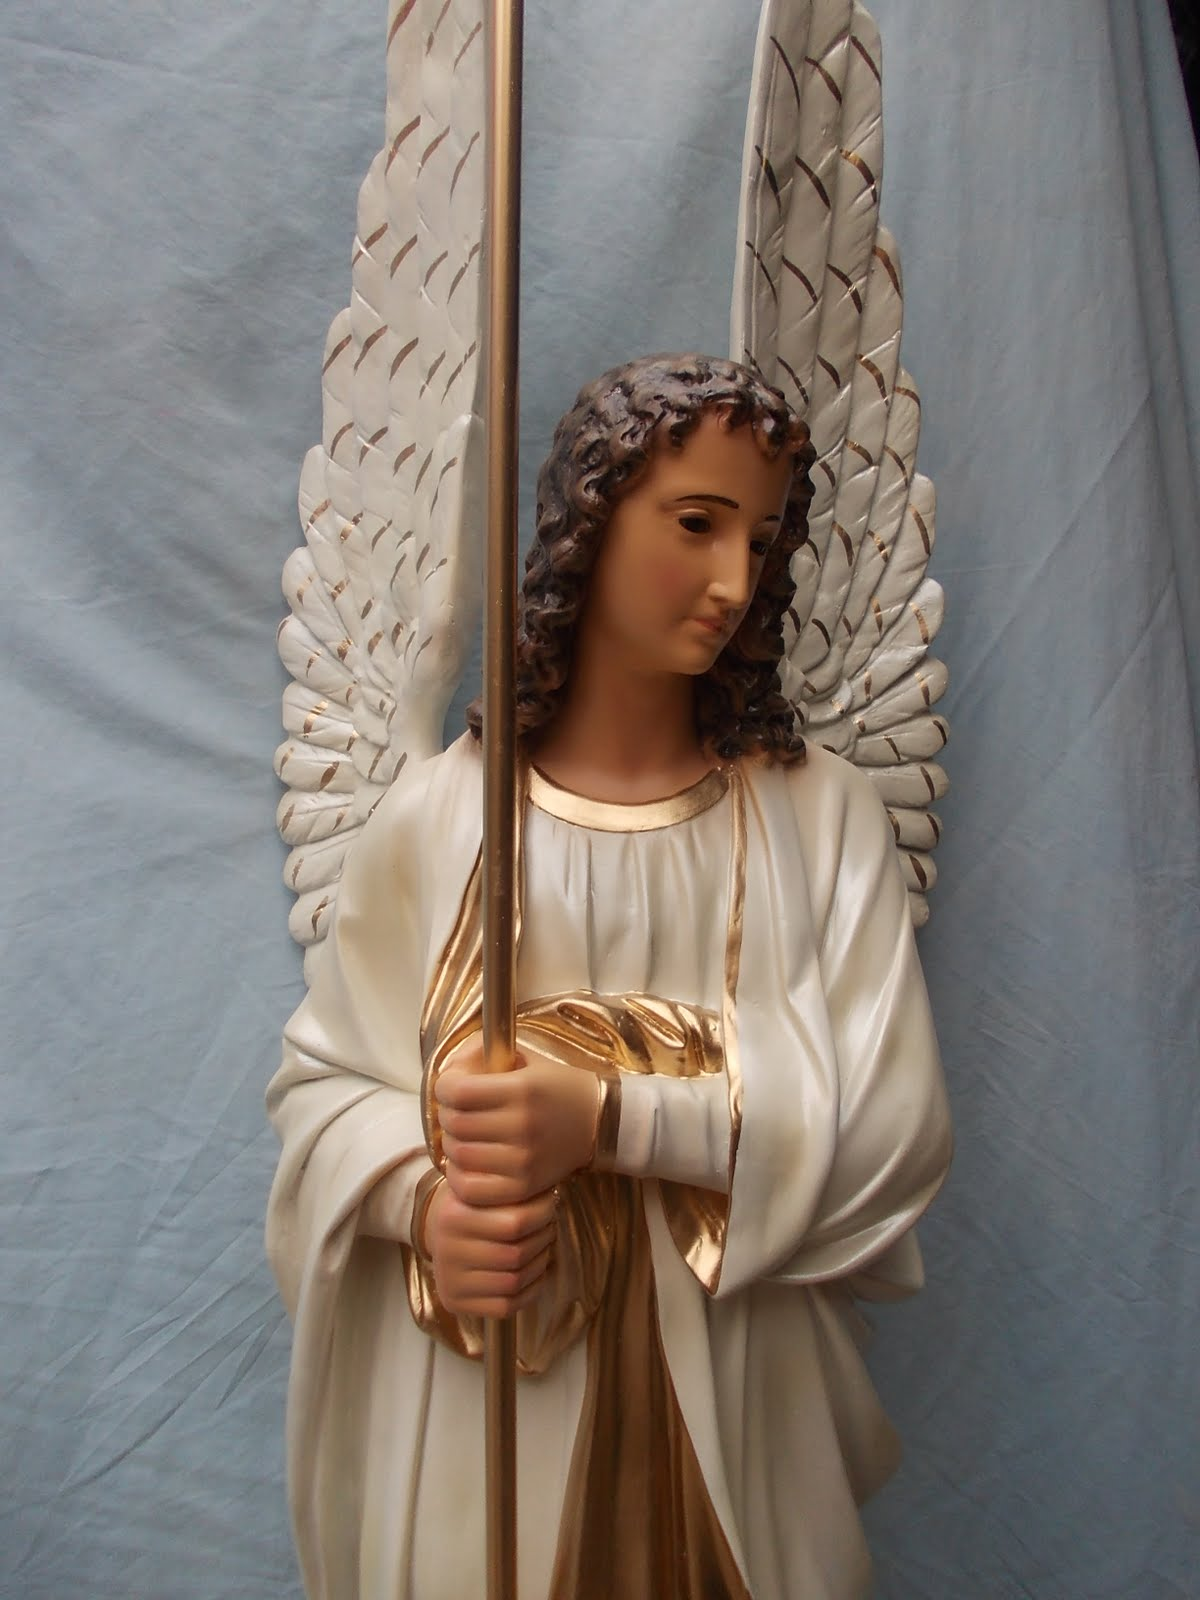 Angelitos de yeso yeso dos angeles en los brazos sentado - Angelitos de yeso ...